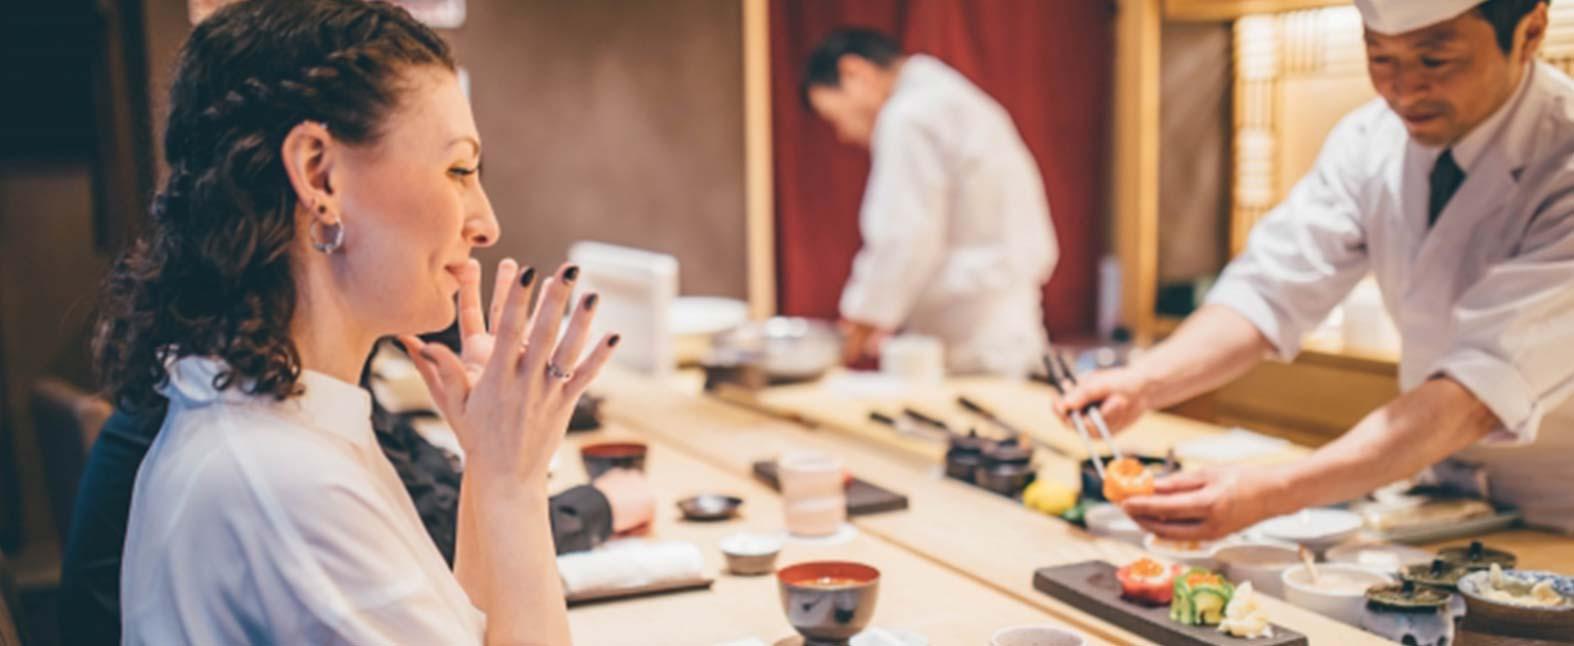 外国人ゲストに高評価!おもてなしの心を伝える和食ケータリング